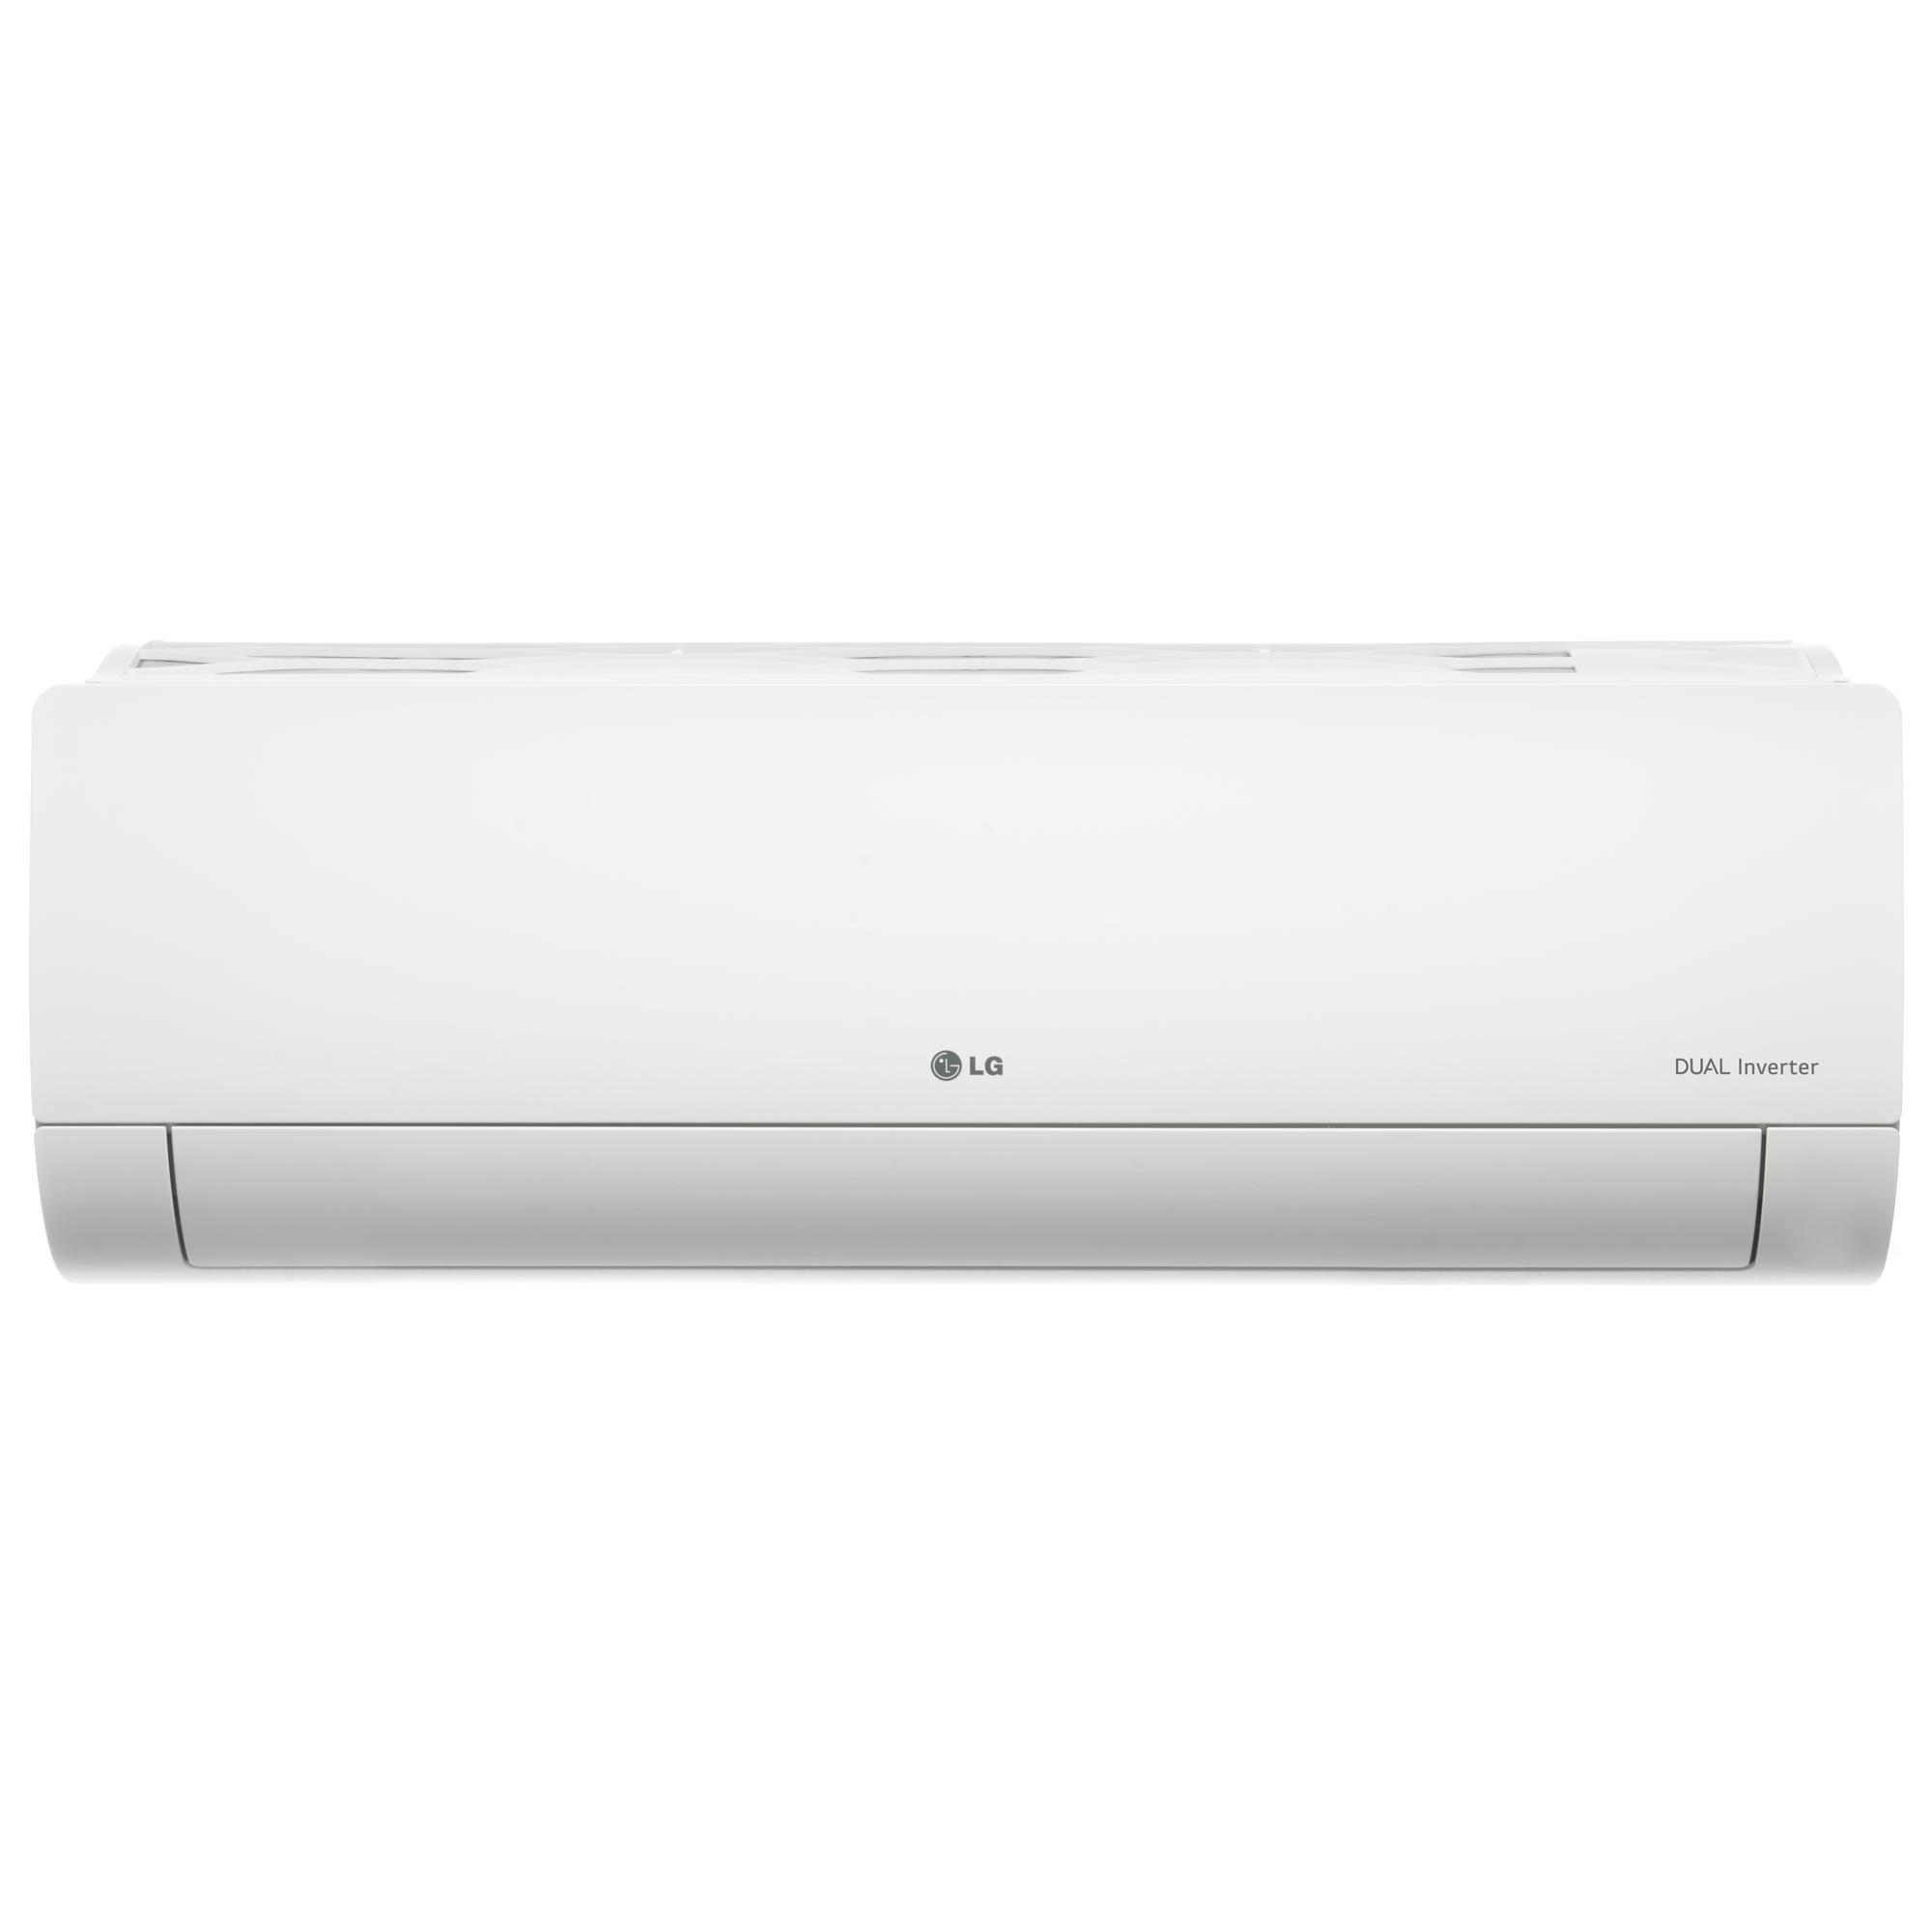 LG 1.5 Ton 3 Star Inverter Split AC (Copper Condenser, MS-Q18ENXA, White)_1